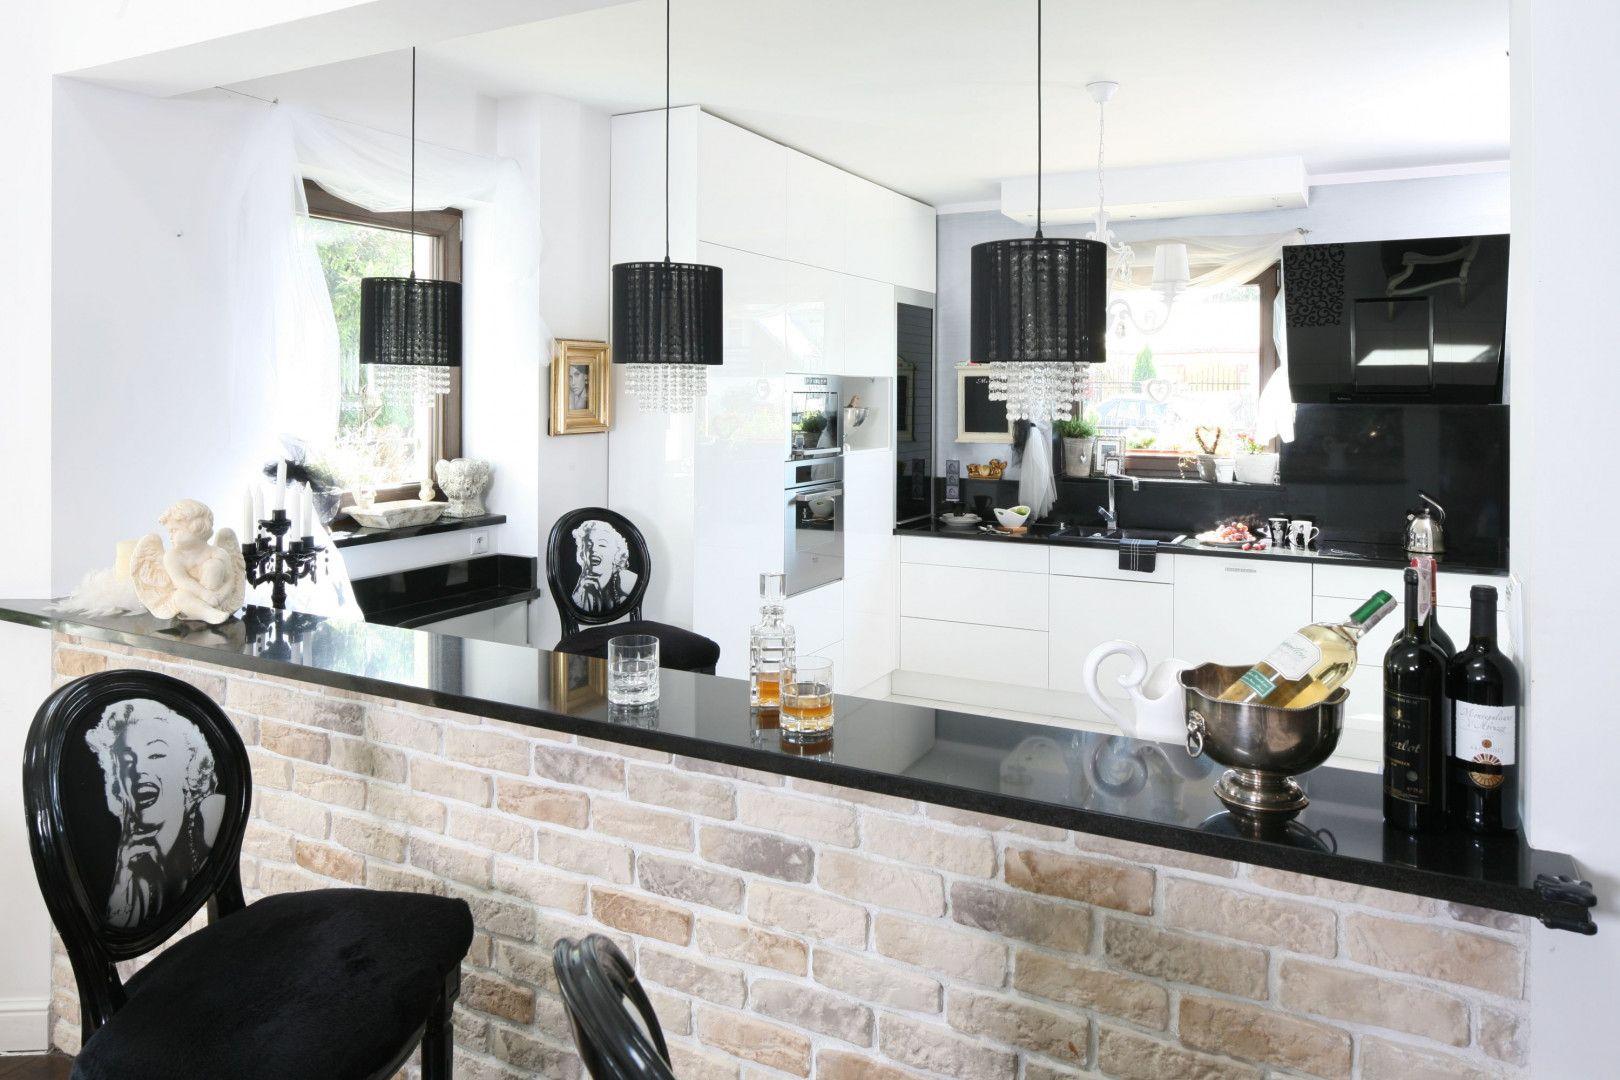 Czarne elementy dodają elegancji białej kuchni. Projekt: Magdalena Konochowicz. Fot. Bartosz Jarosz